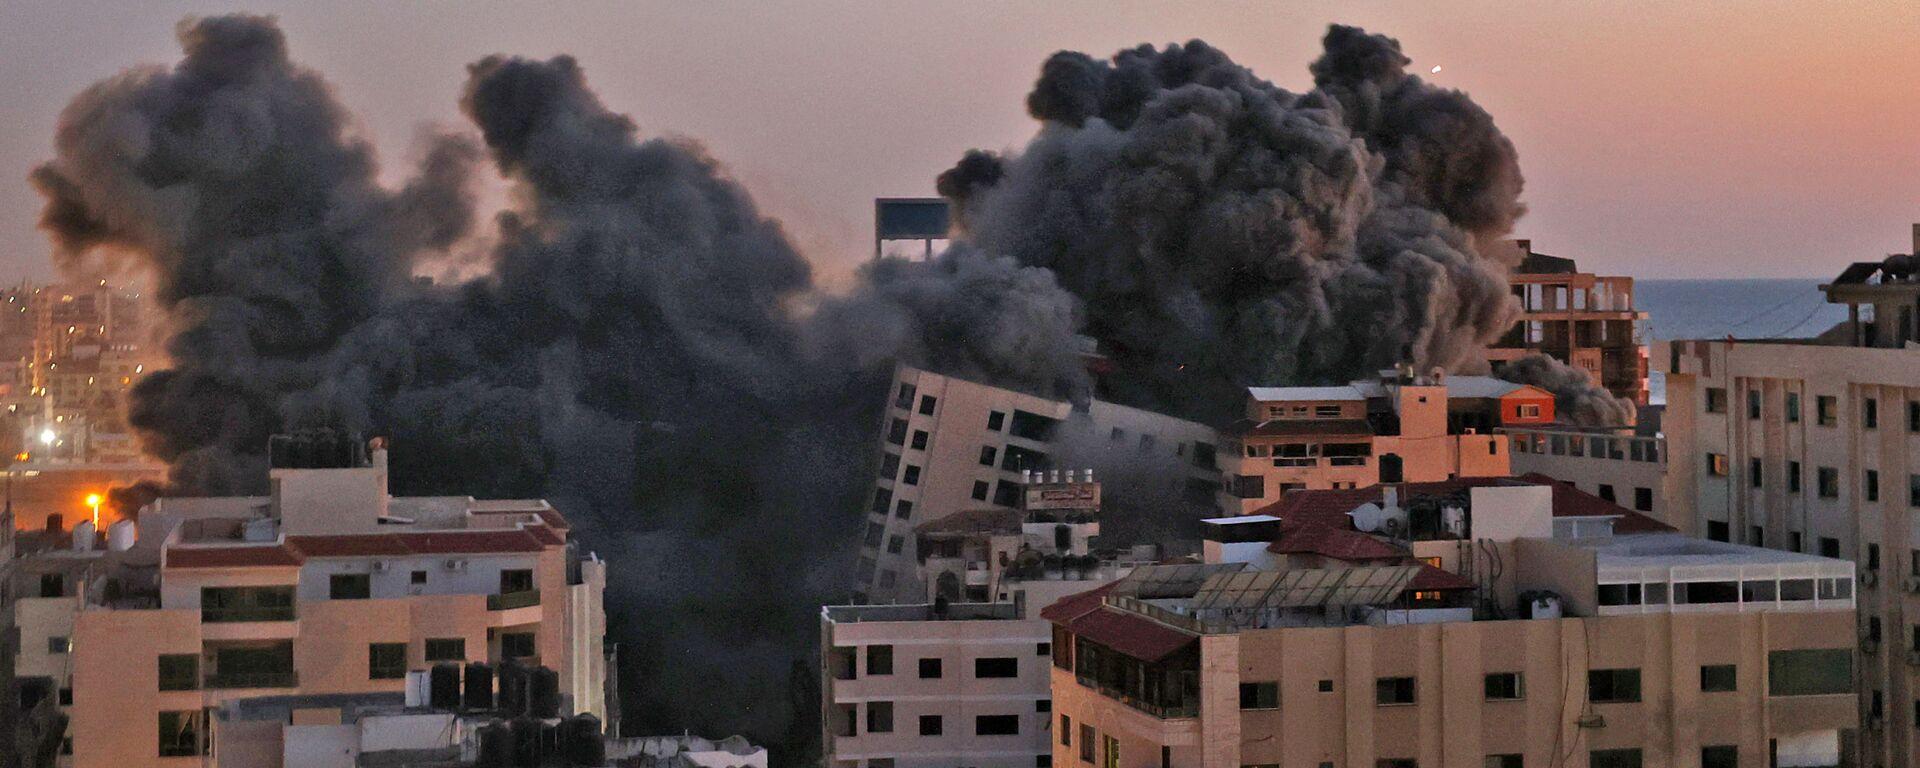 Пожарные тушат горящие многоквартирные дома после израильских авиаударов в городе Газа - Sputnik Тоҷикистон, 1920, 31.07.2021